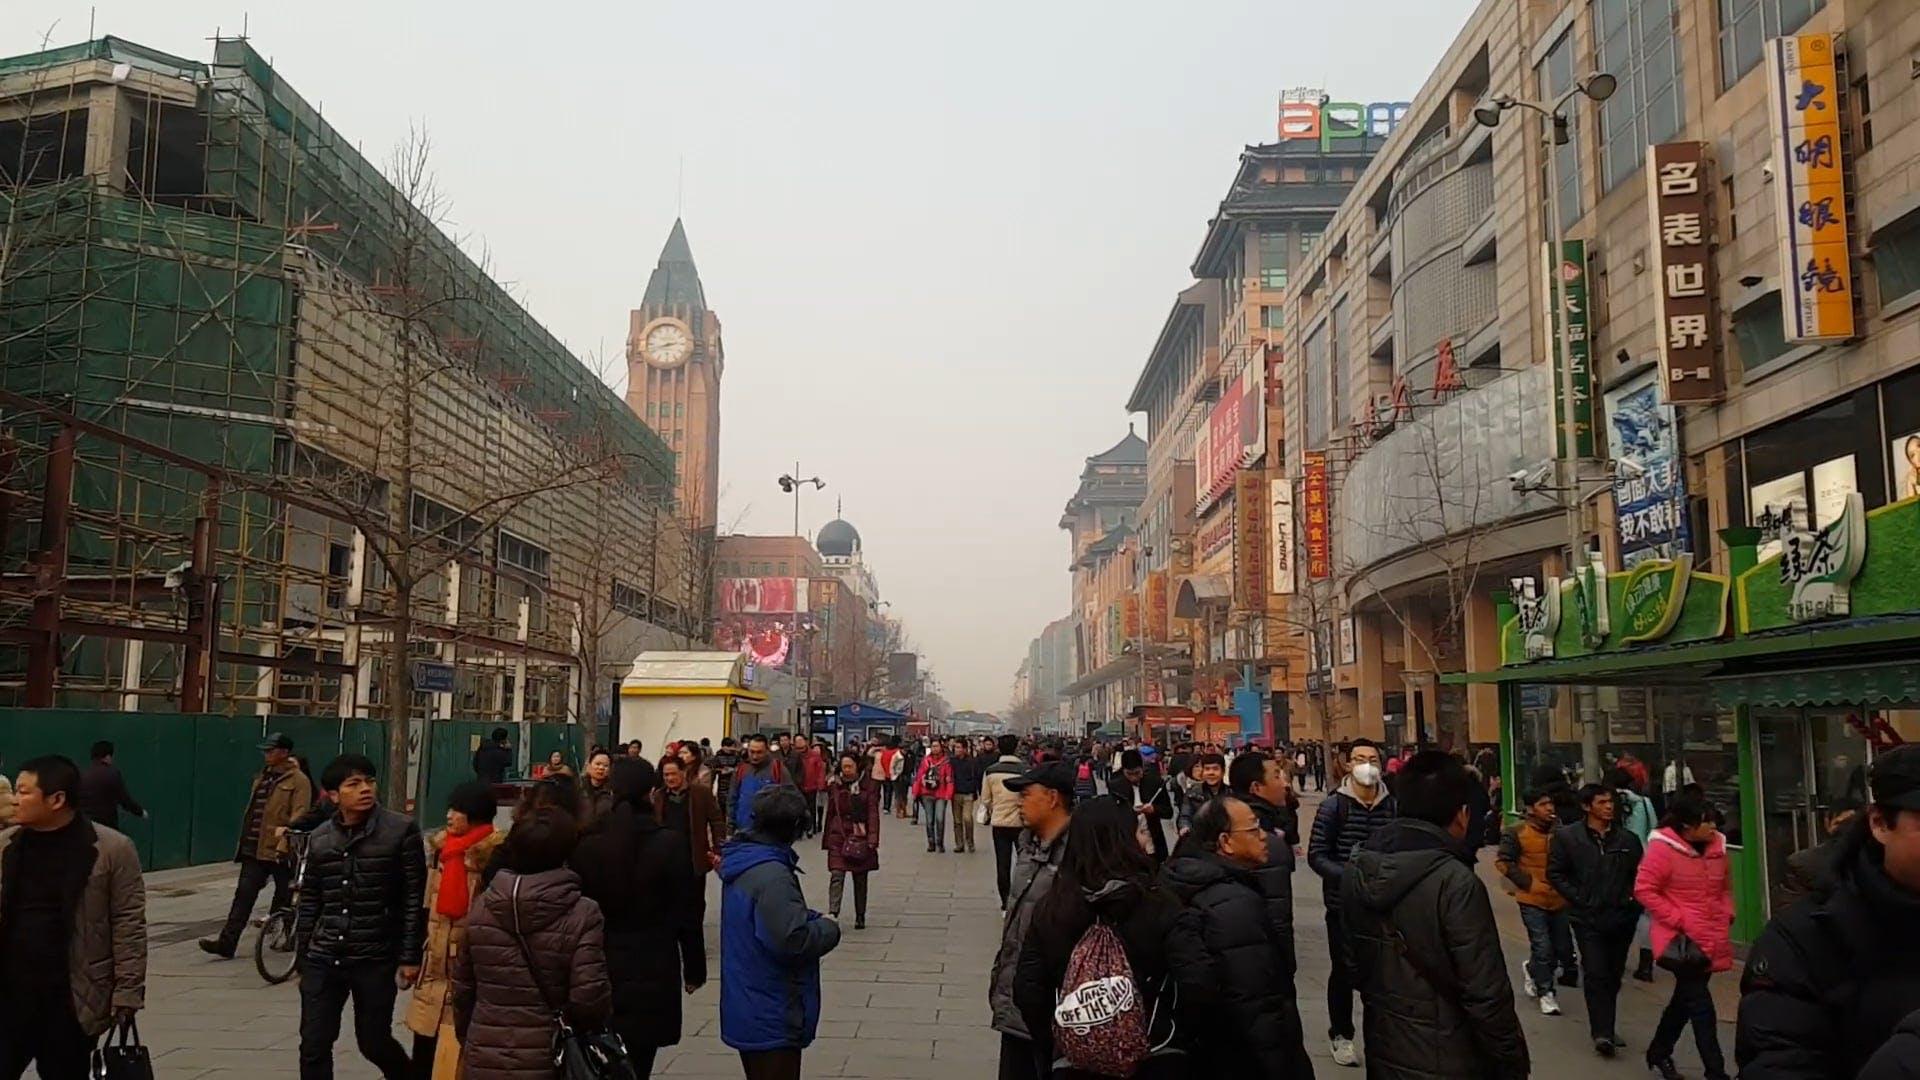 People Walking Busy Streets in Winter